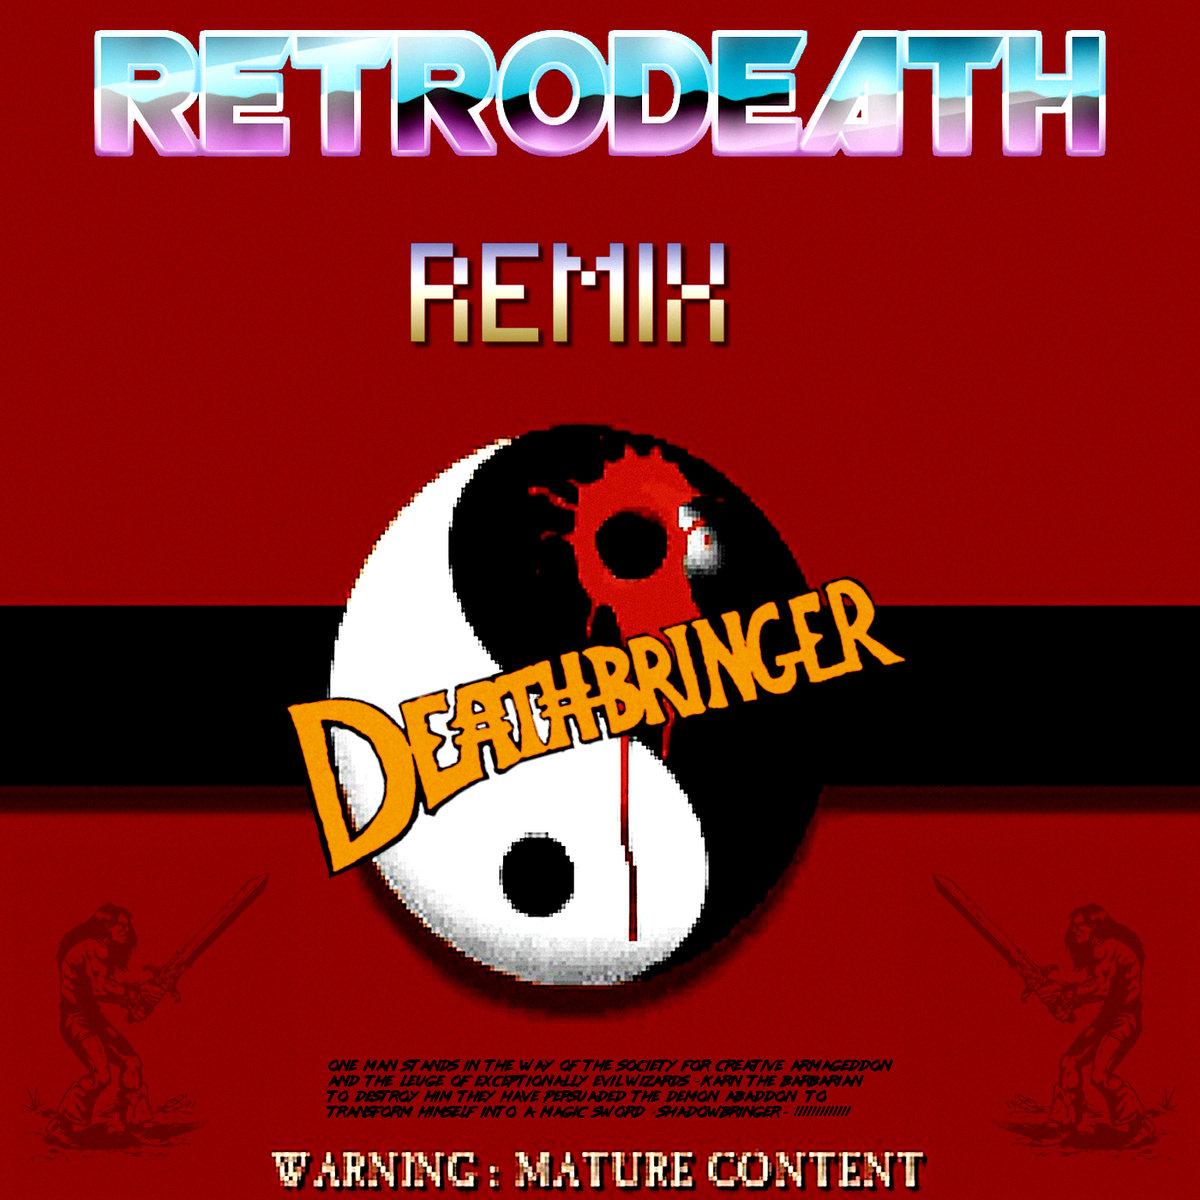 Shadowbringer (Incomplete Mix #2) | RETRODEATH